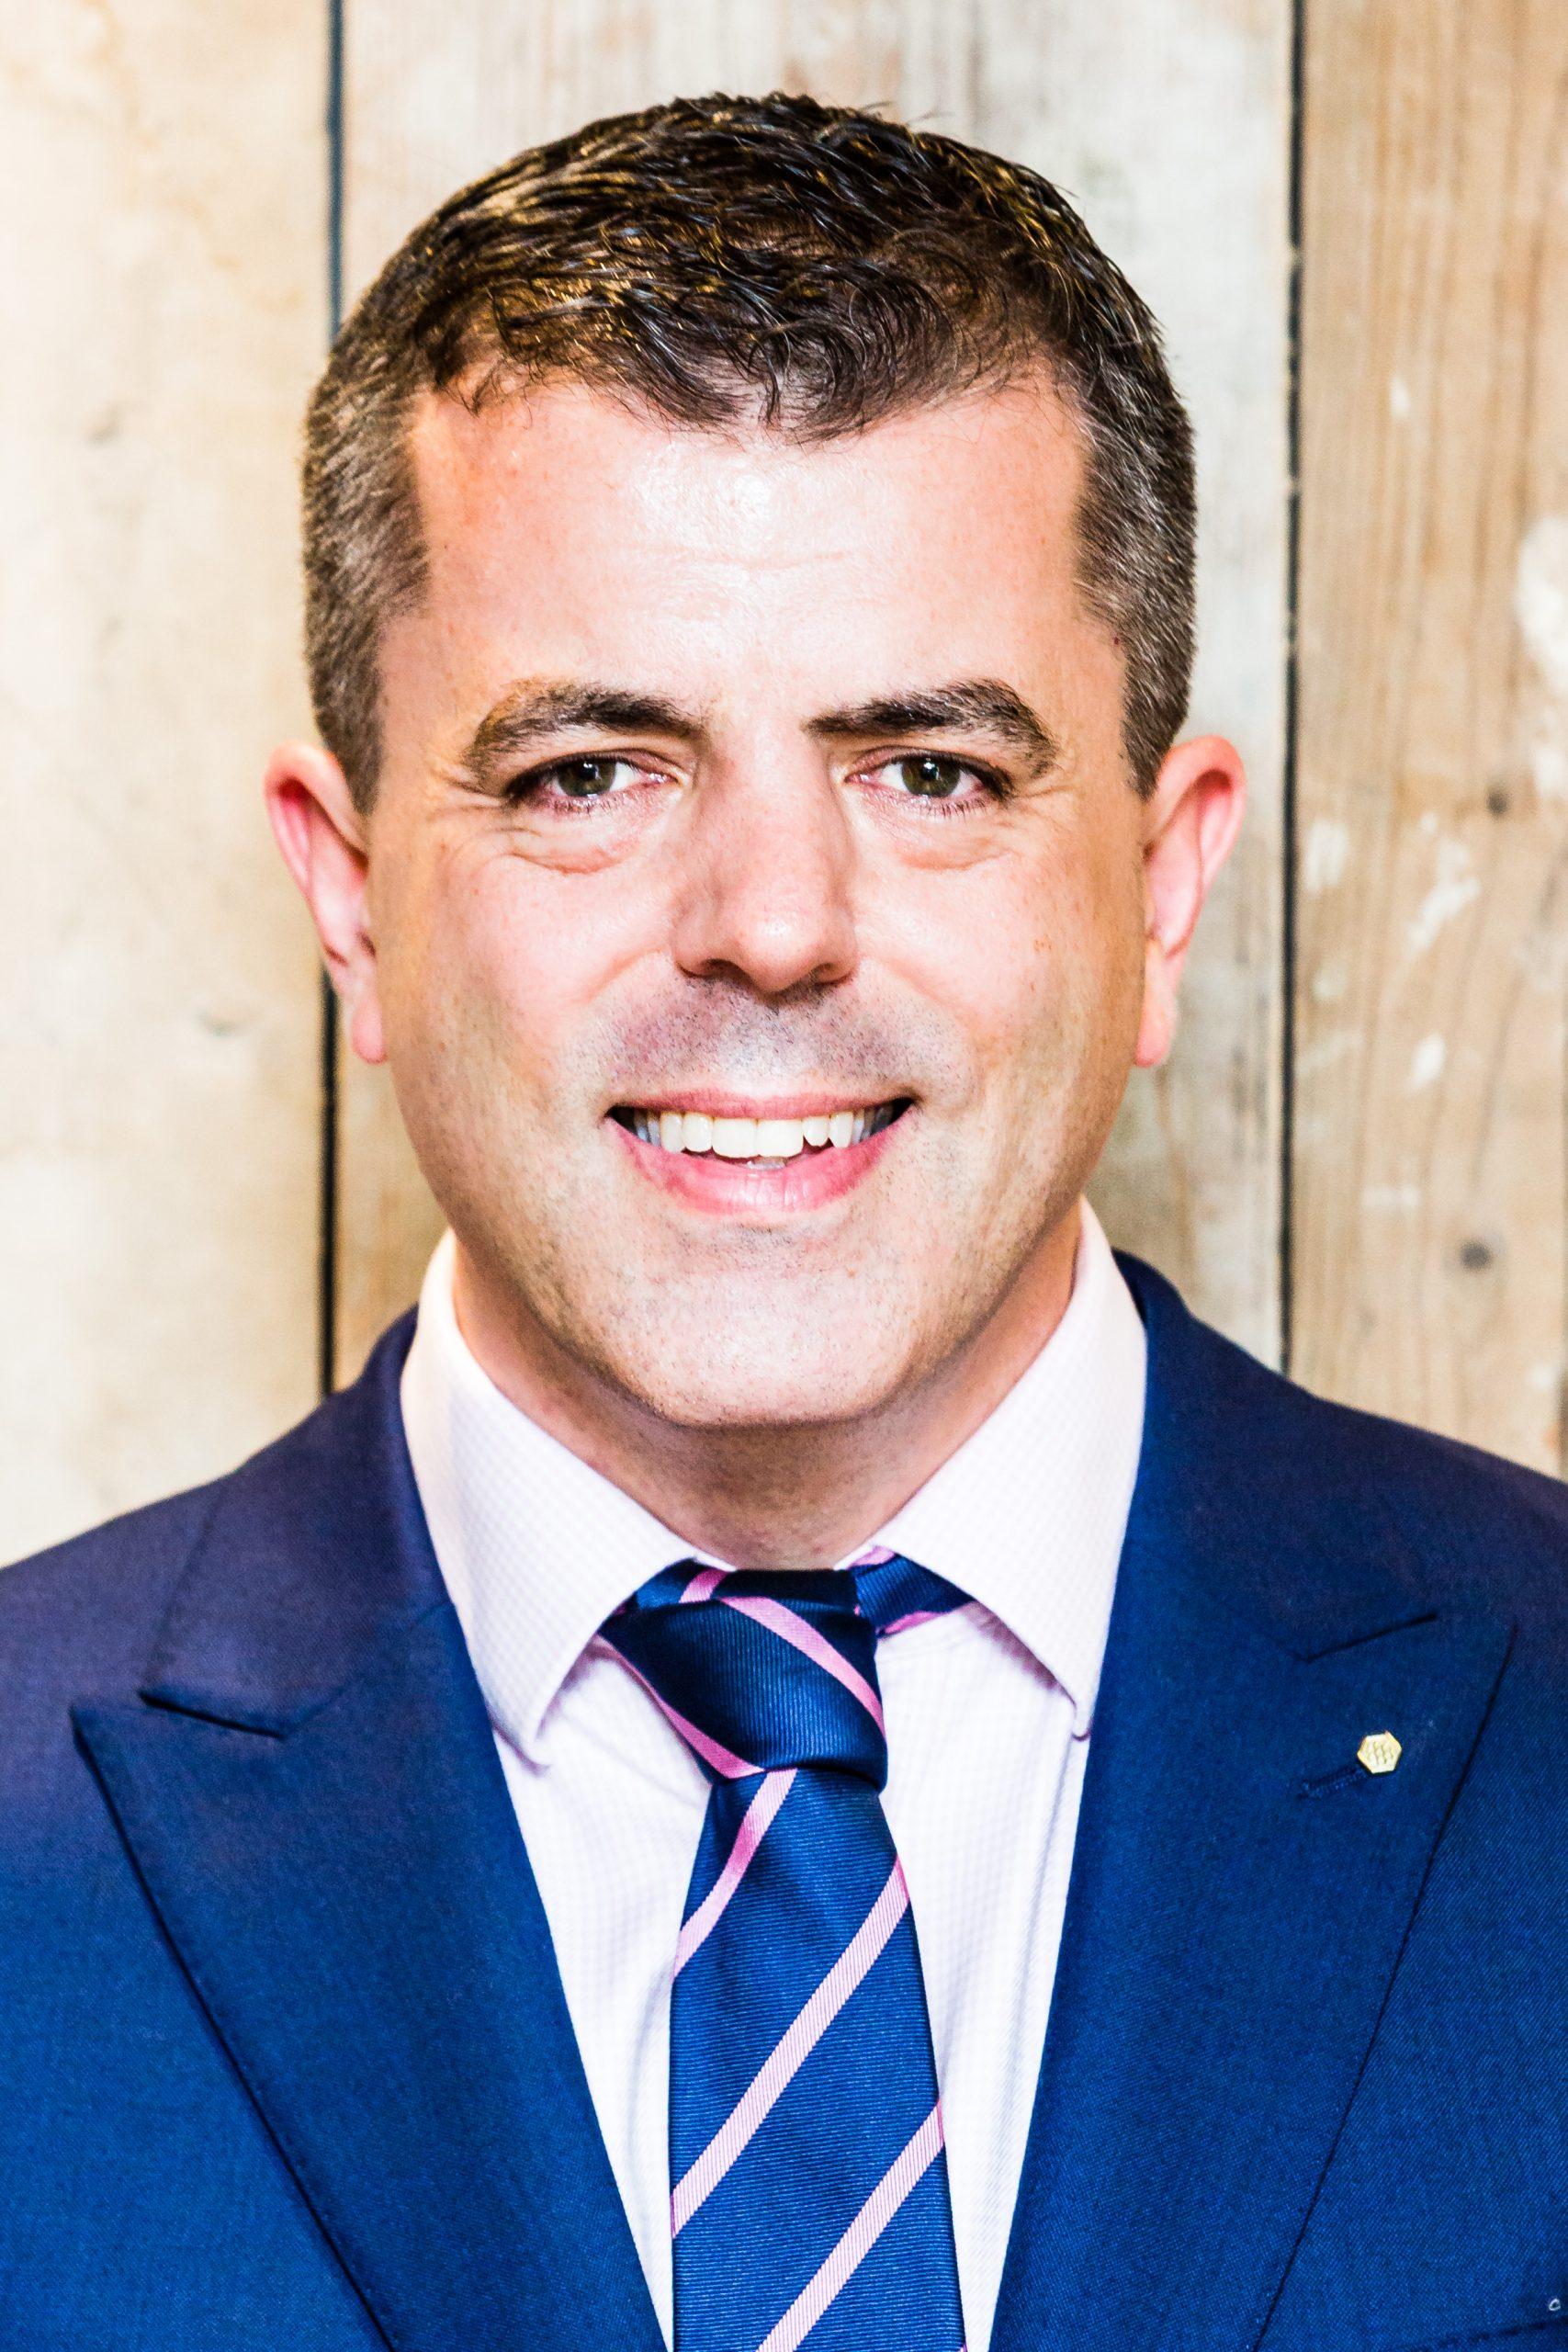 Gavin Perrett